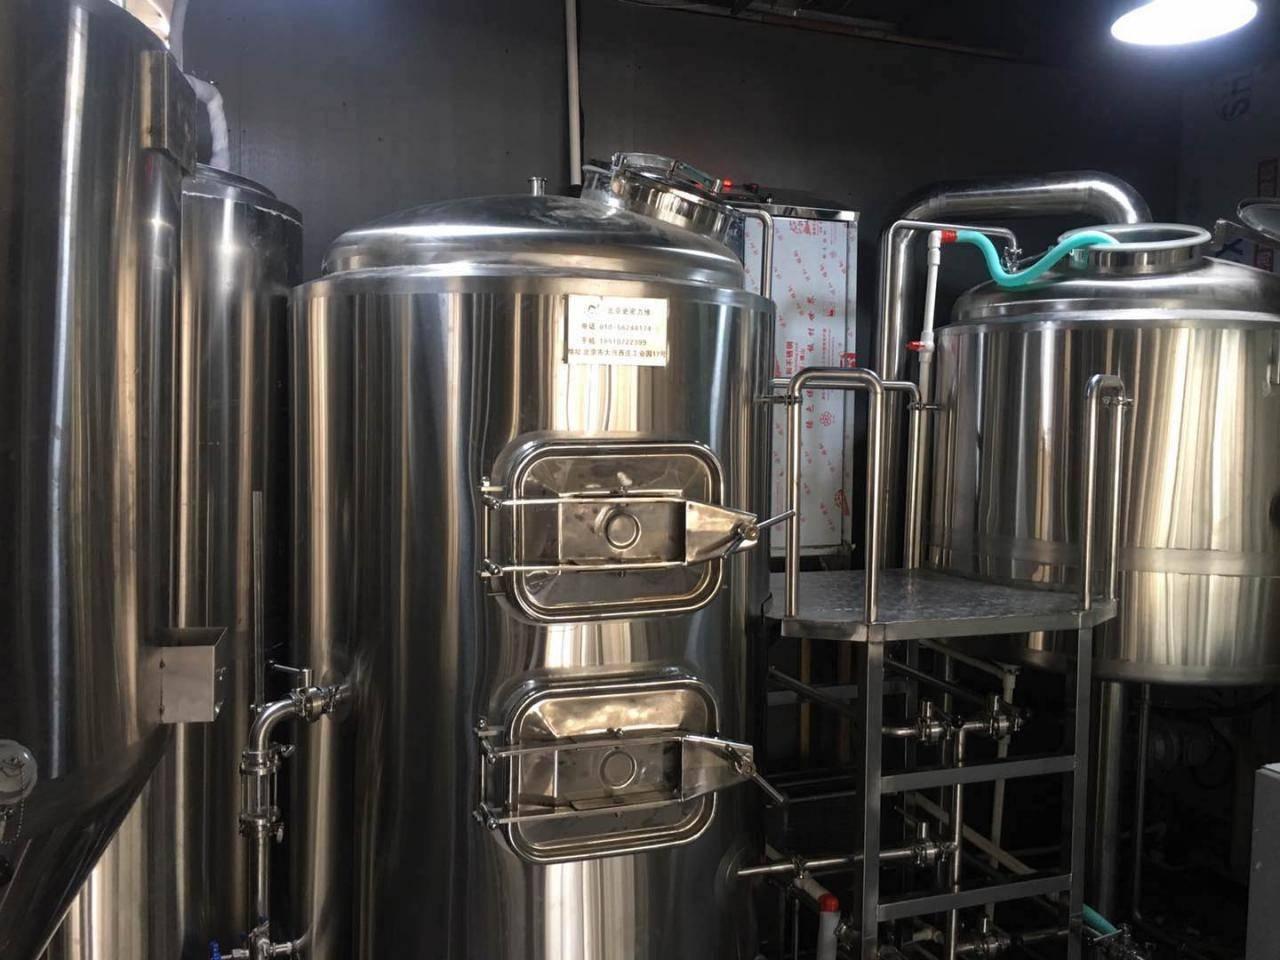 北京精酿啤酒设备厂商-酿造啤酒设备哪个厂家比较好?-大麦丫-精酿啤酒连锁超市,工厂店平价酒吧免费加盟